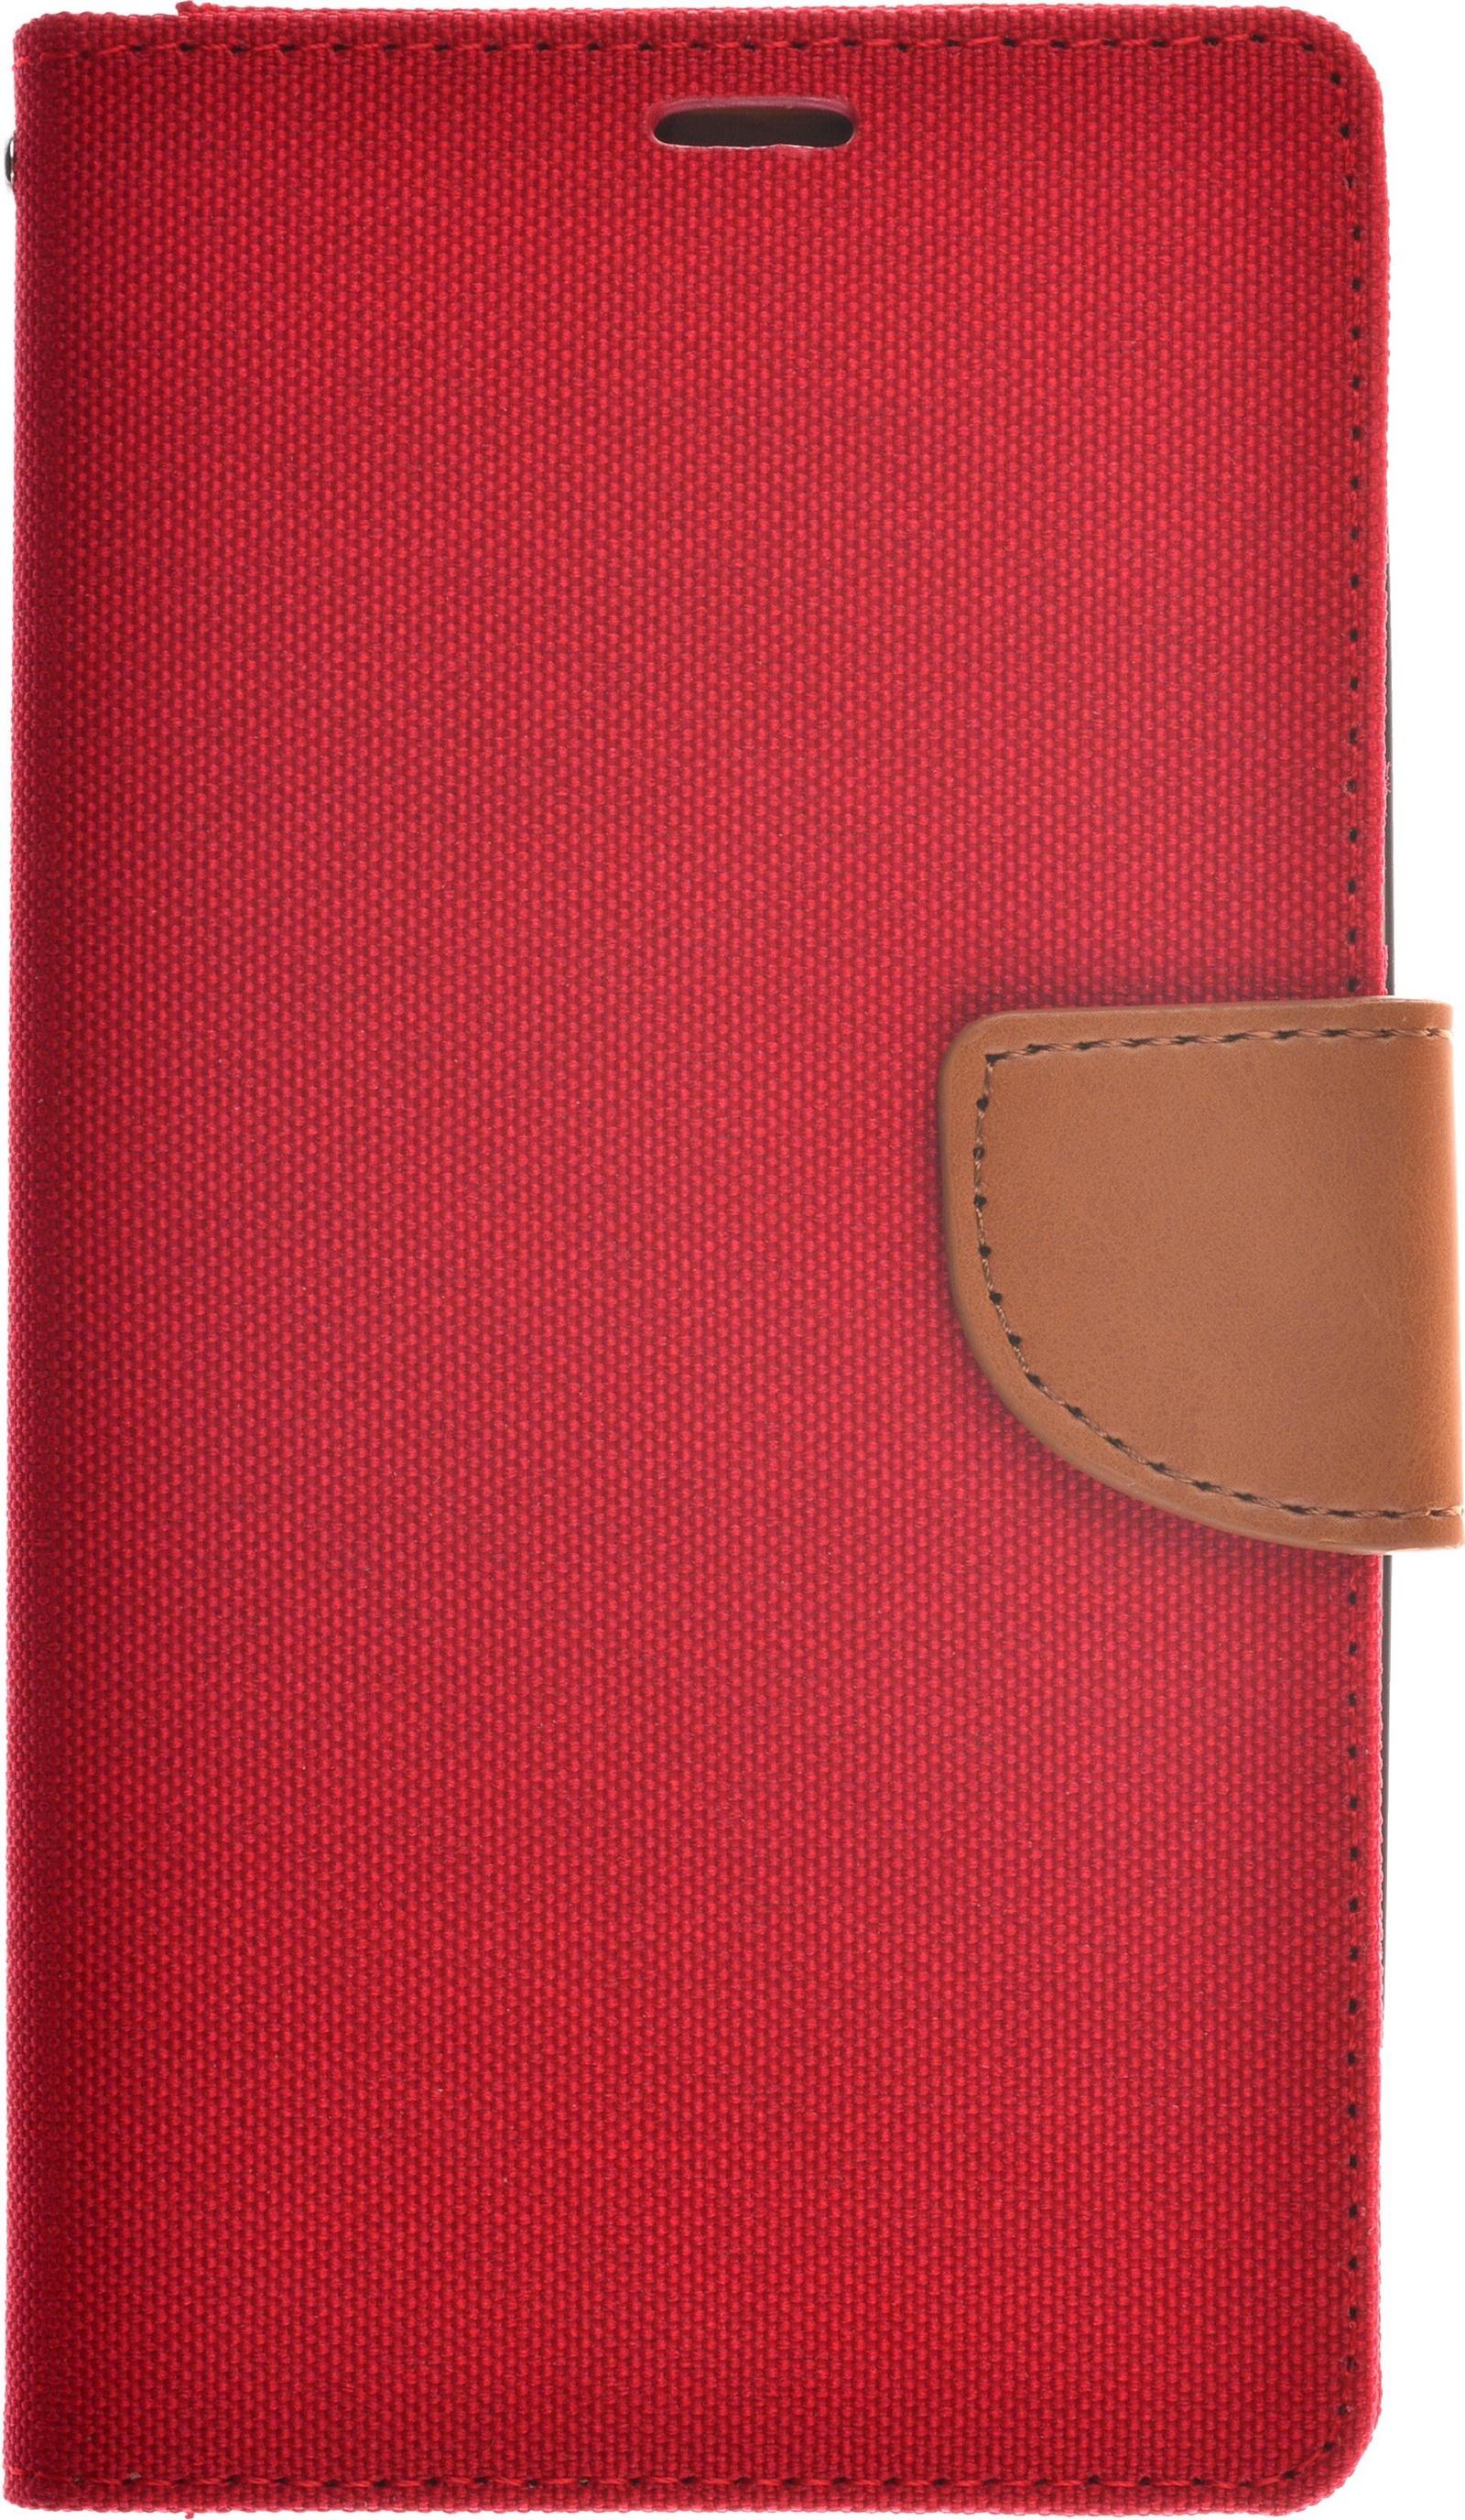 цена на Чехол skinBOX для Asus ZE550KL, 2000000087085, красный